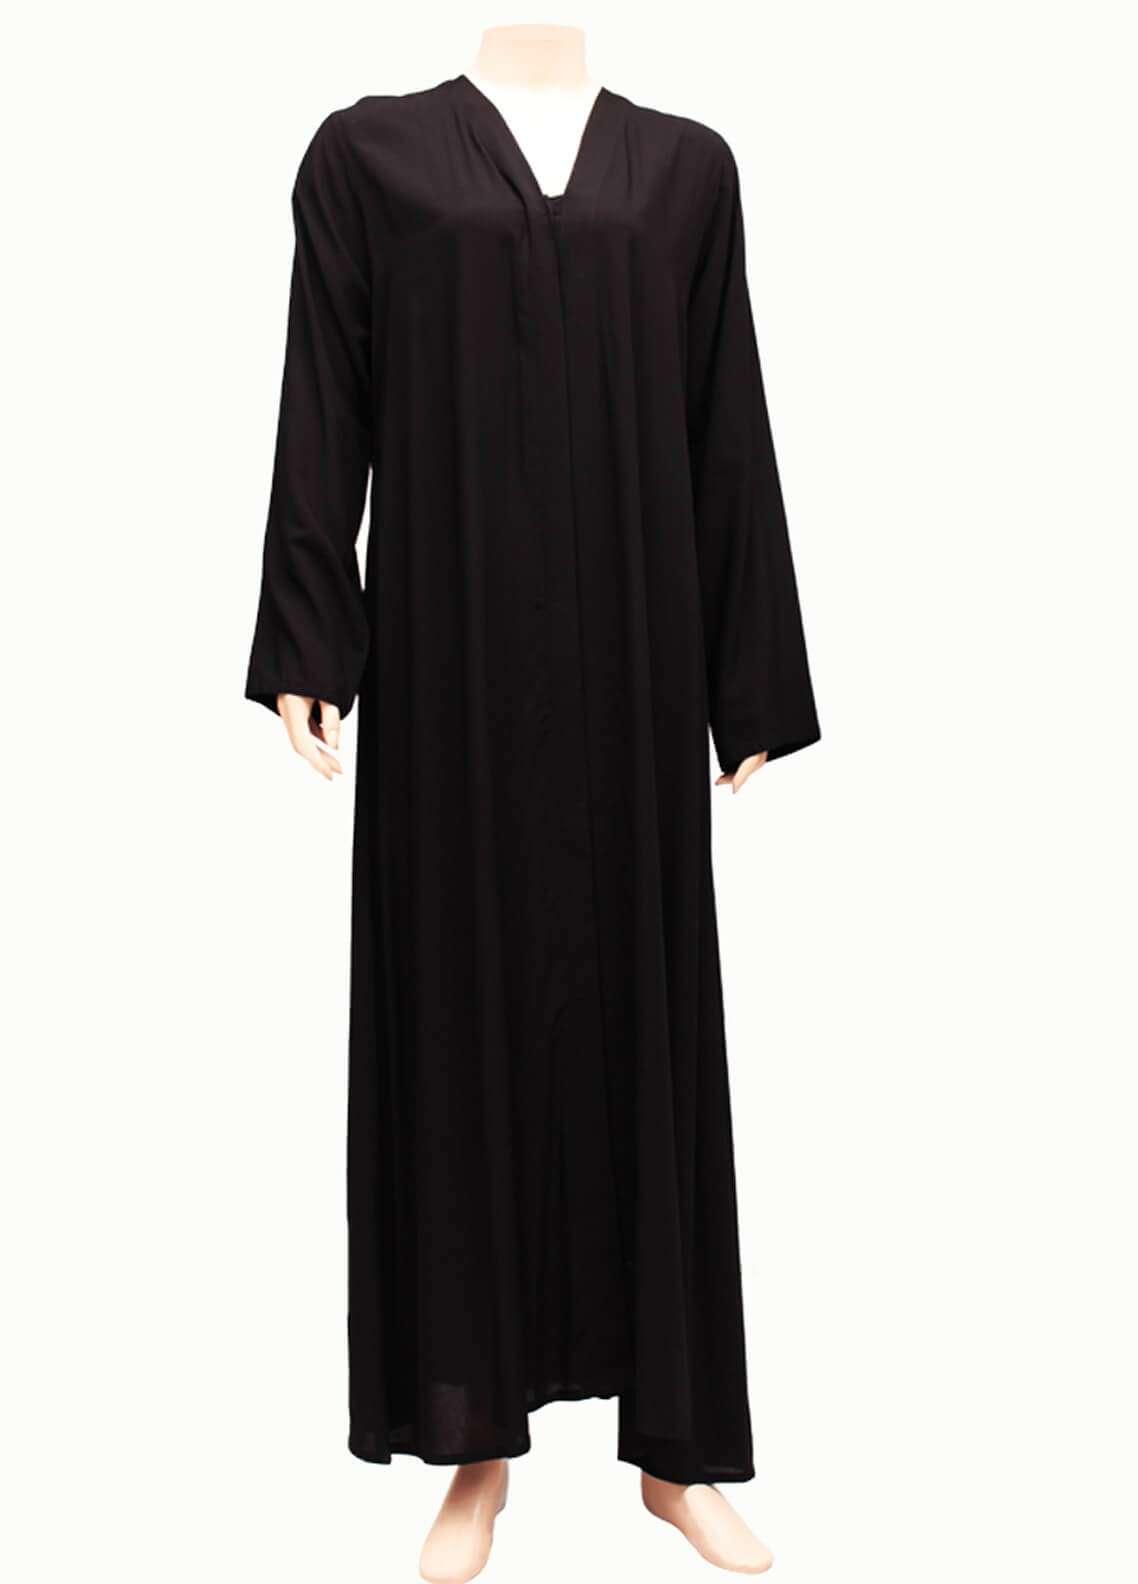 Hijab ul Hareem  Abayas New Stylish Designered Abaya 0116-P Black